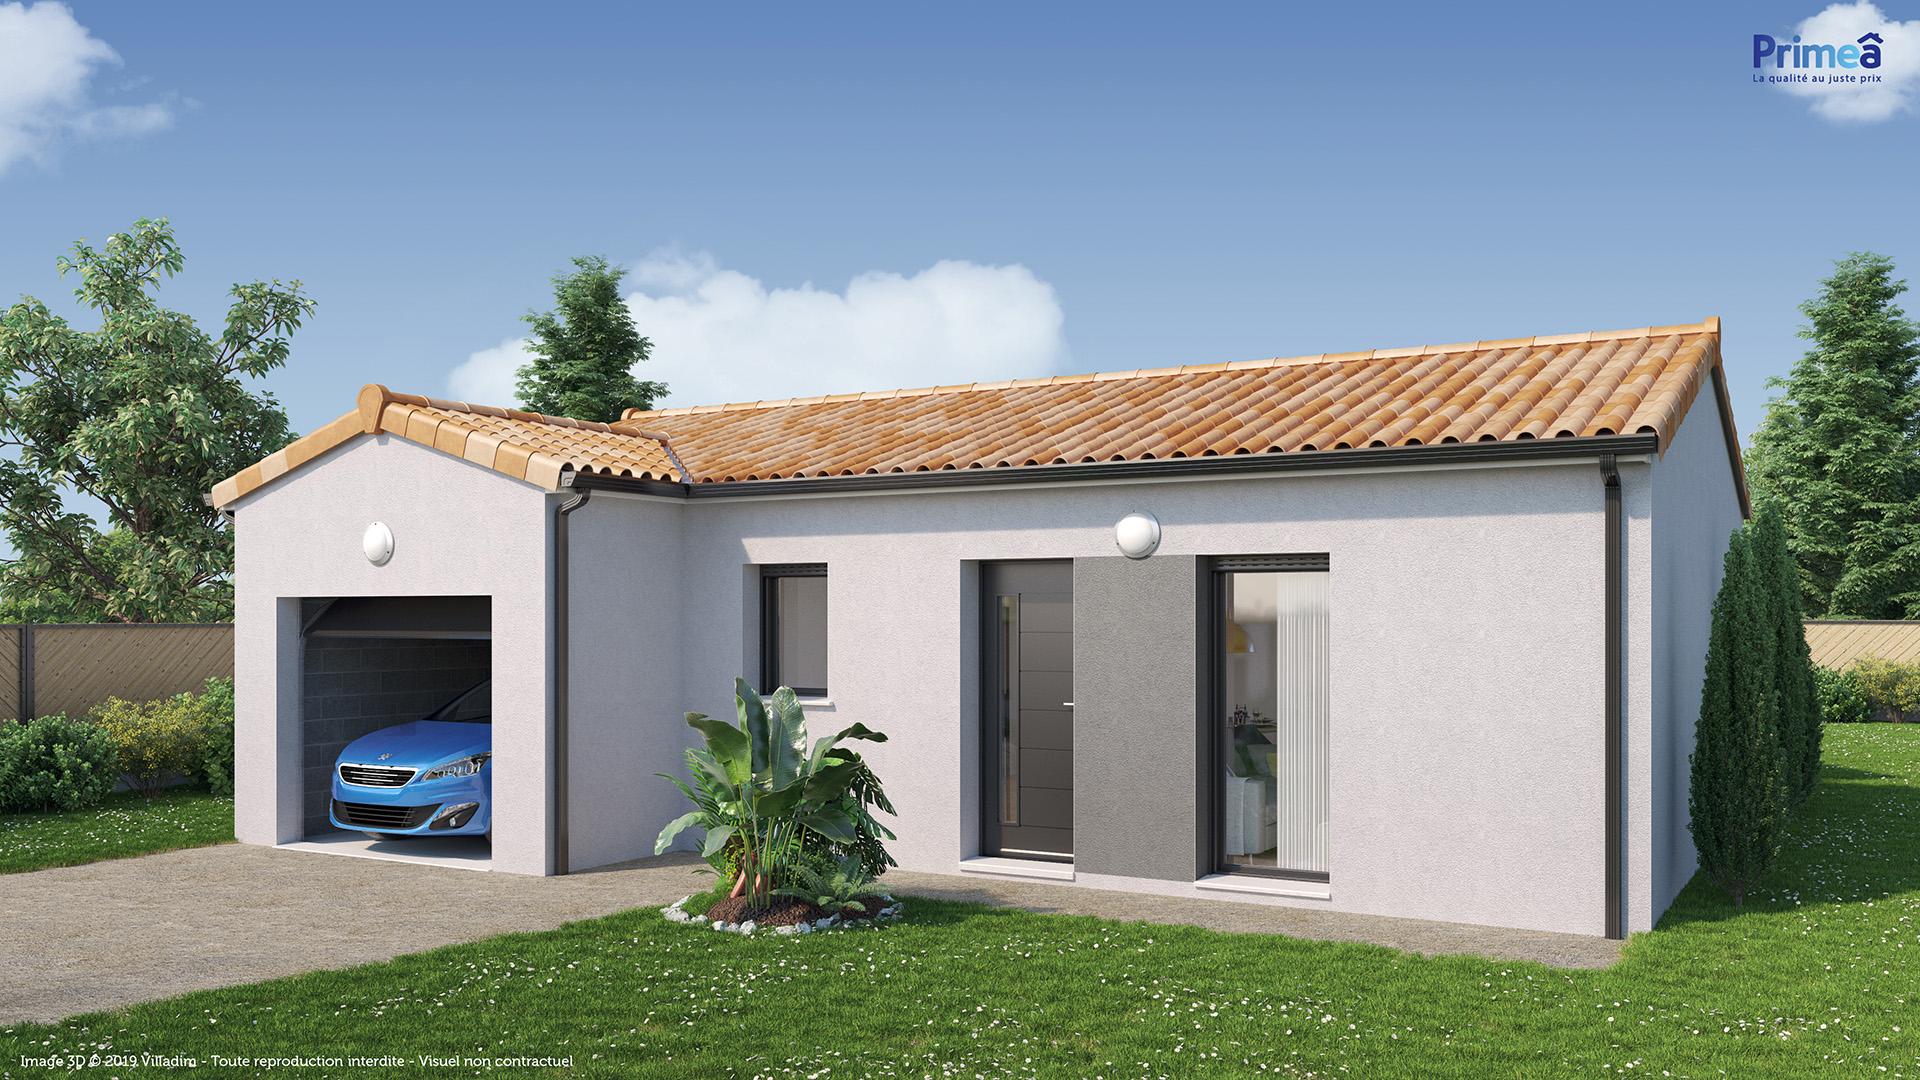 Maison à vendre à Vouneuil-sous-Biard